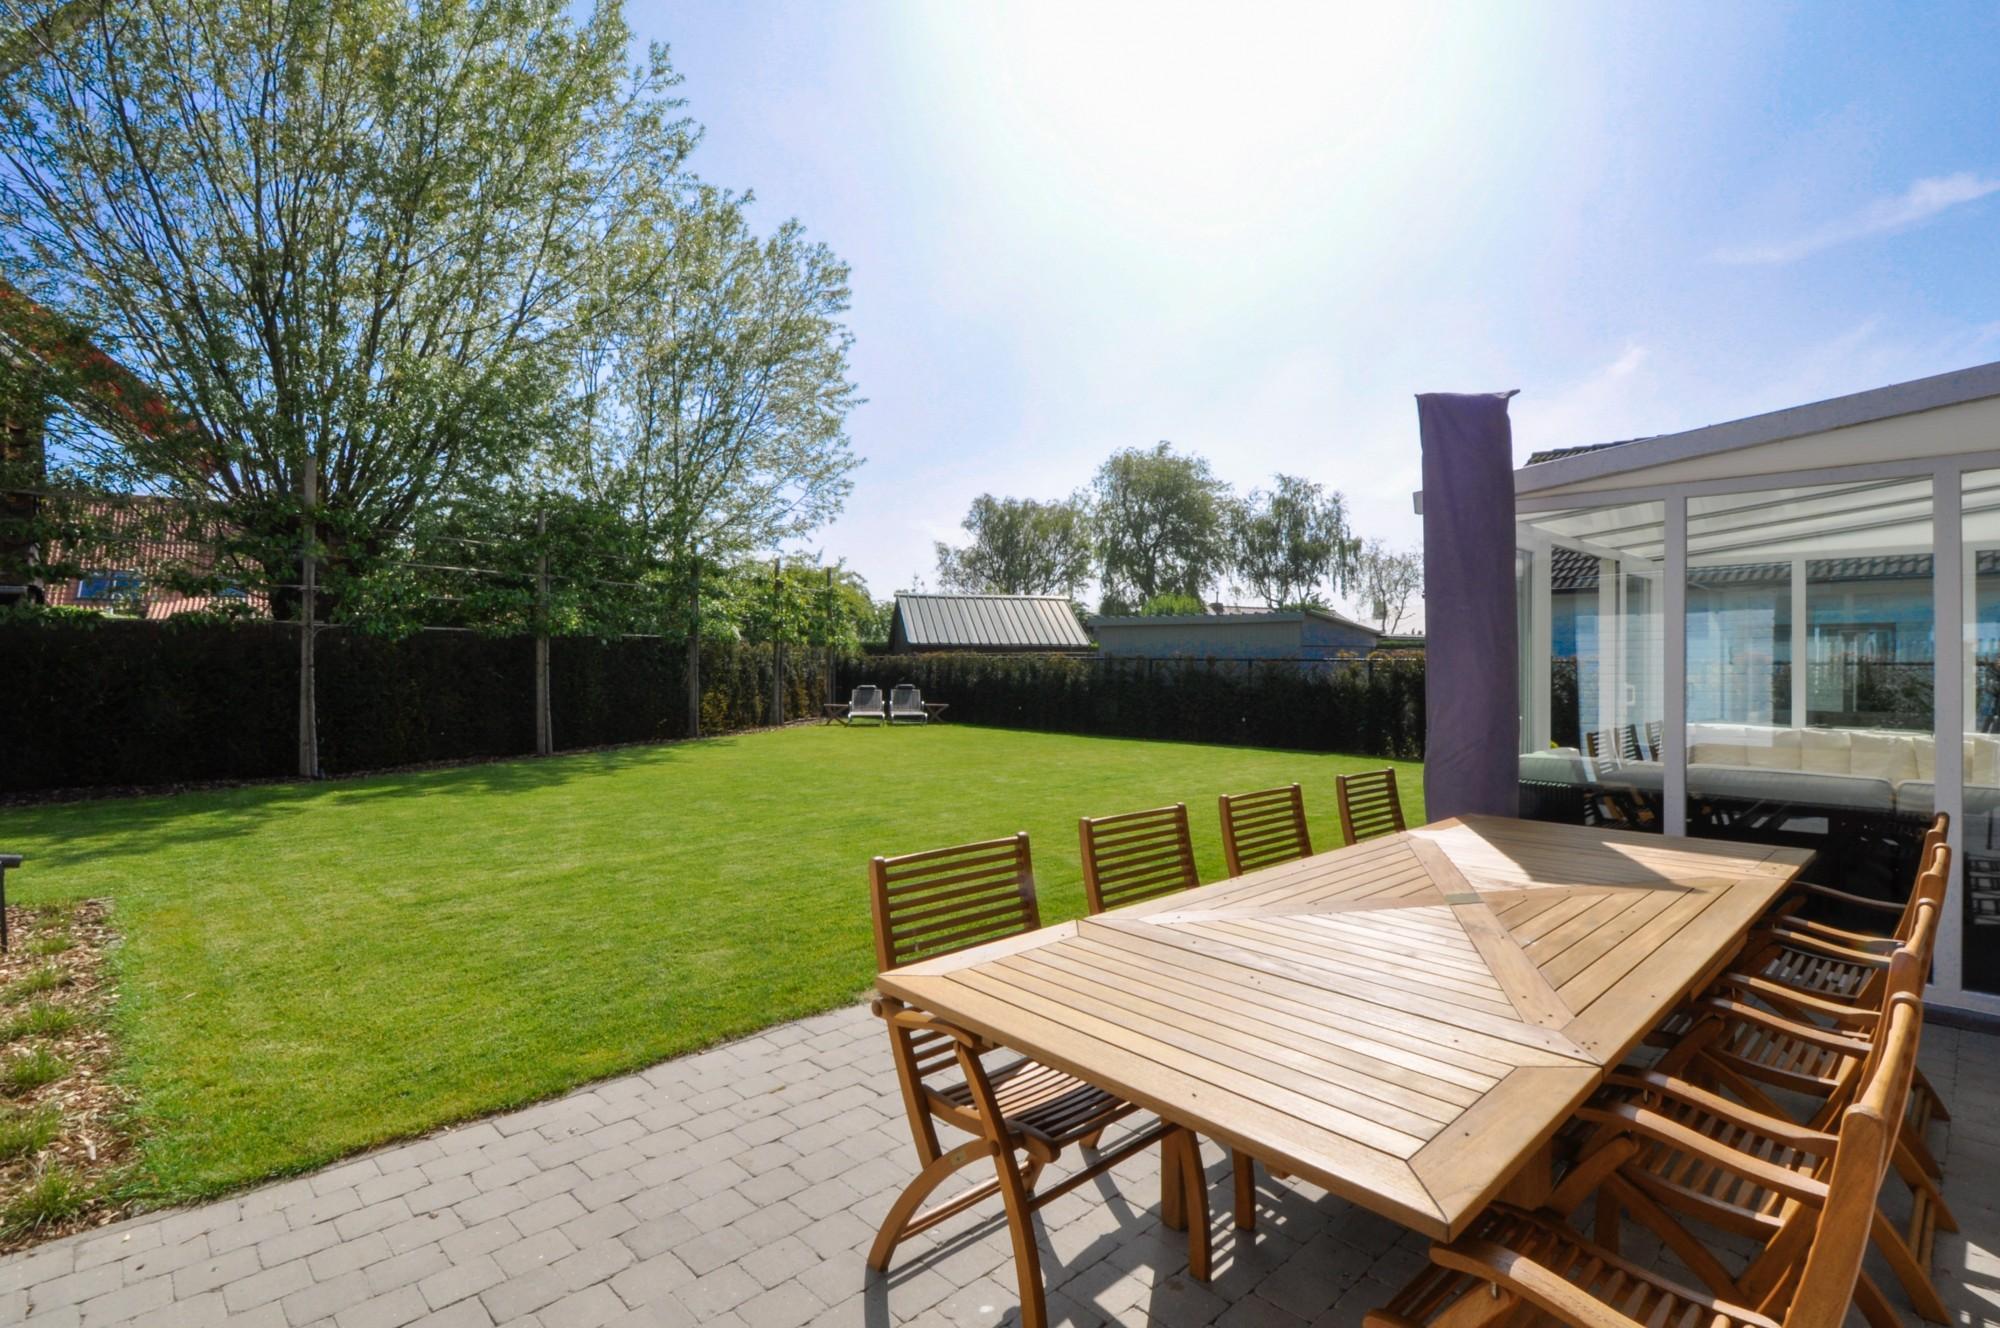 Vente Villa 3 CH Knokke-Heist - Ramskapelle